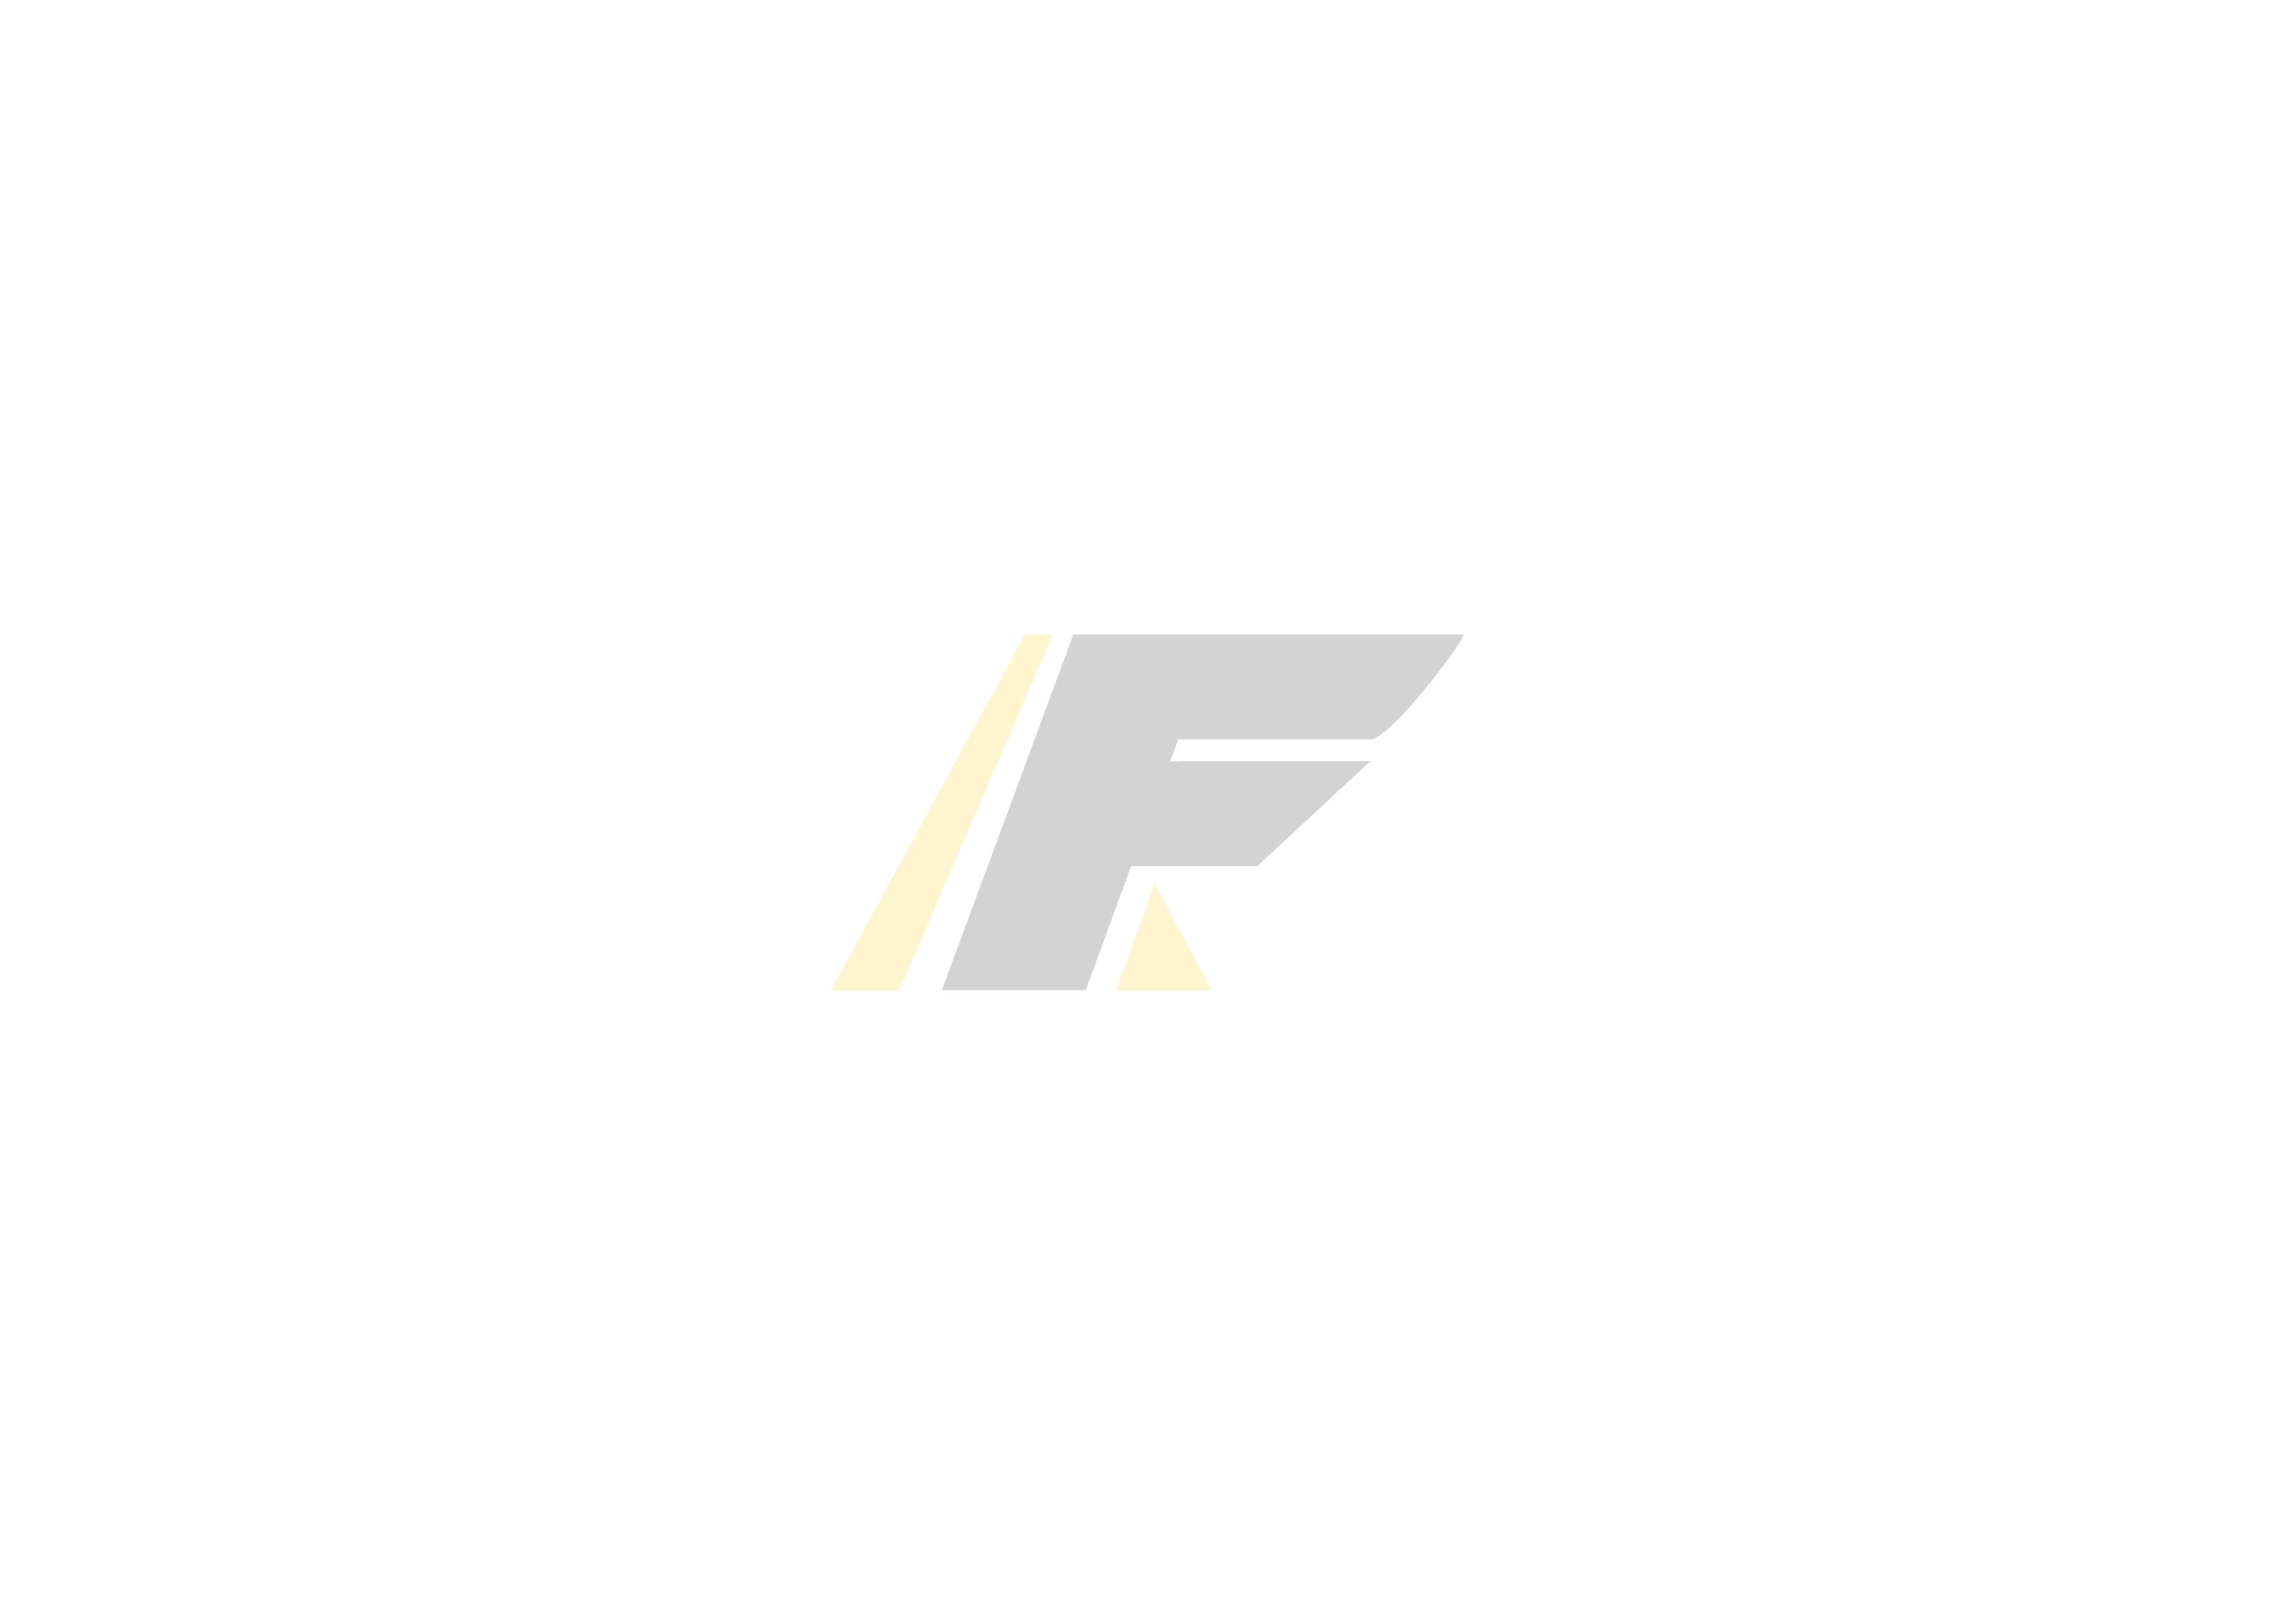 OXFORD Mini Indicators - Arrow Carbon